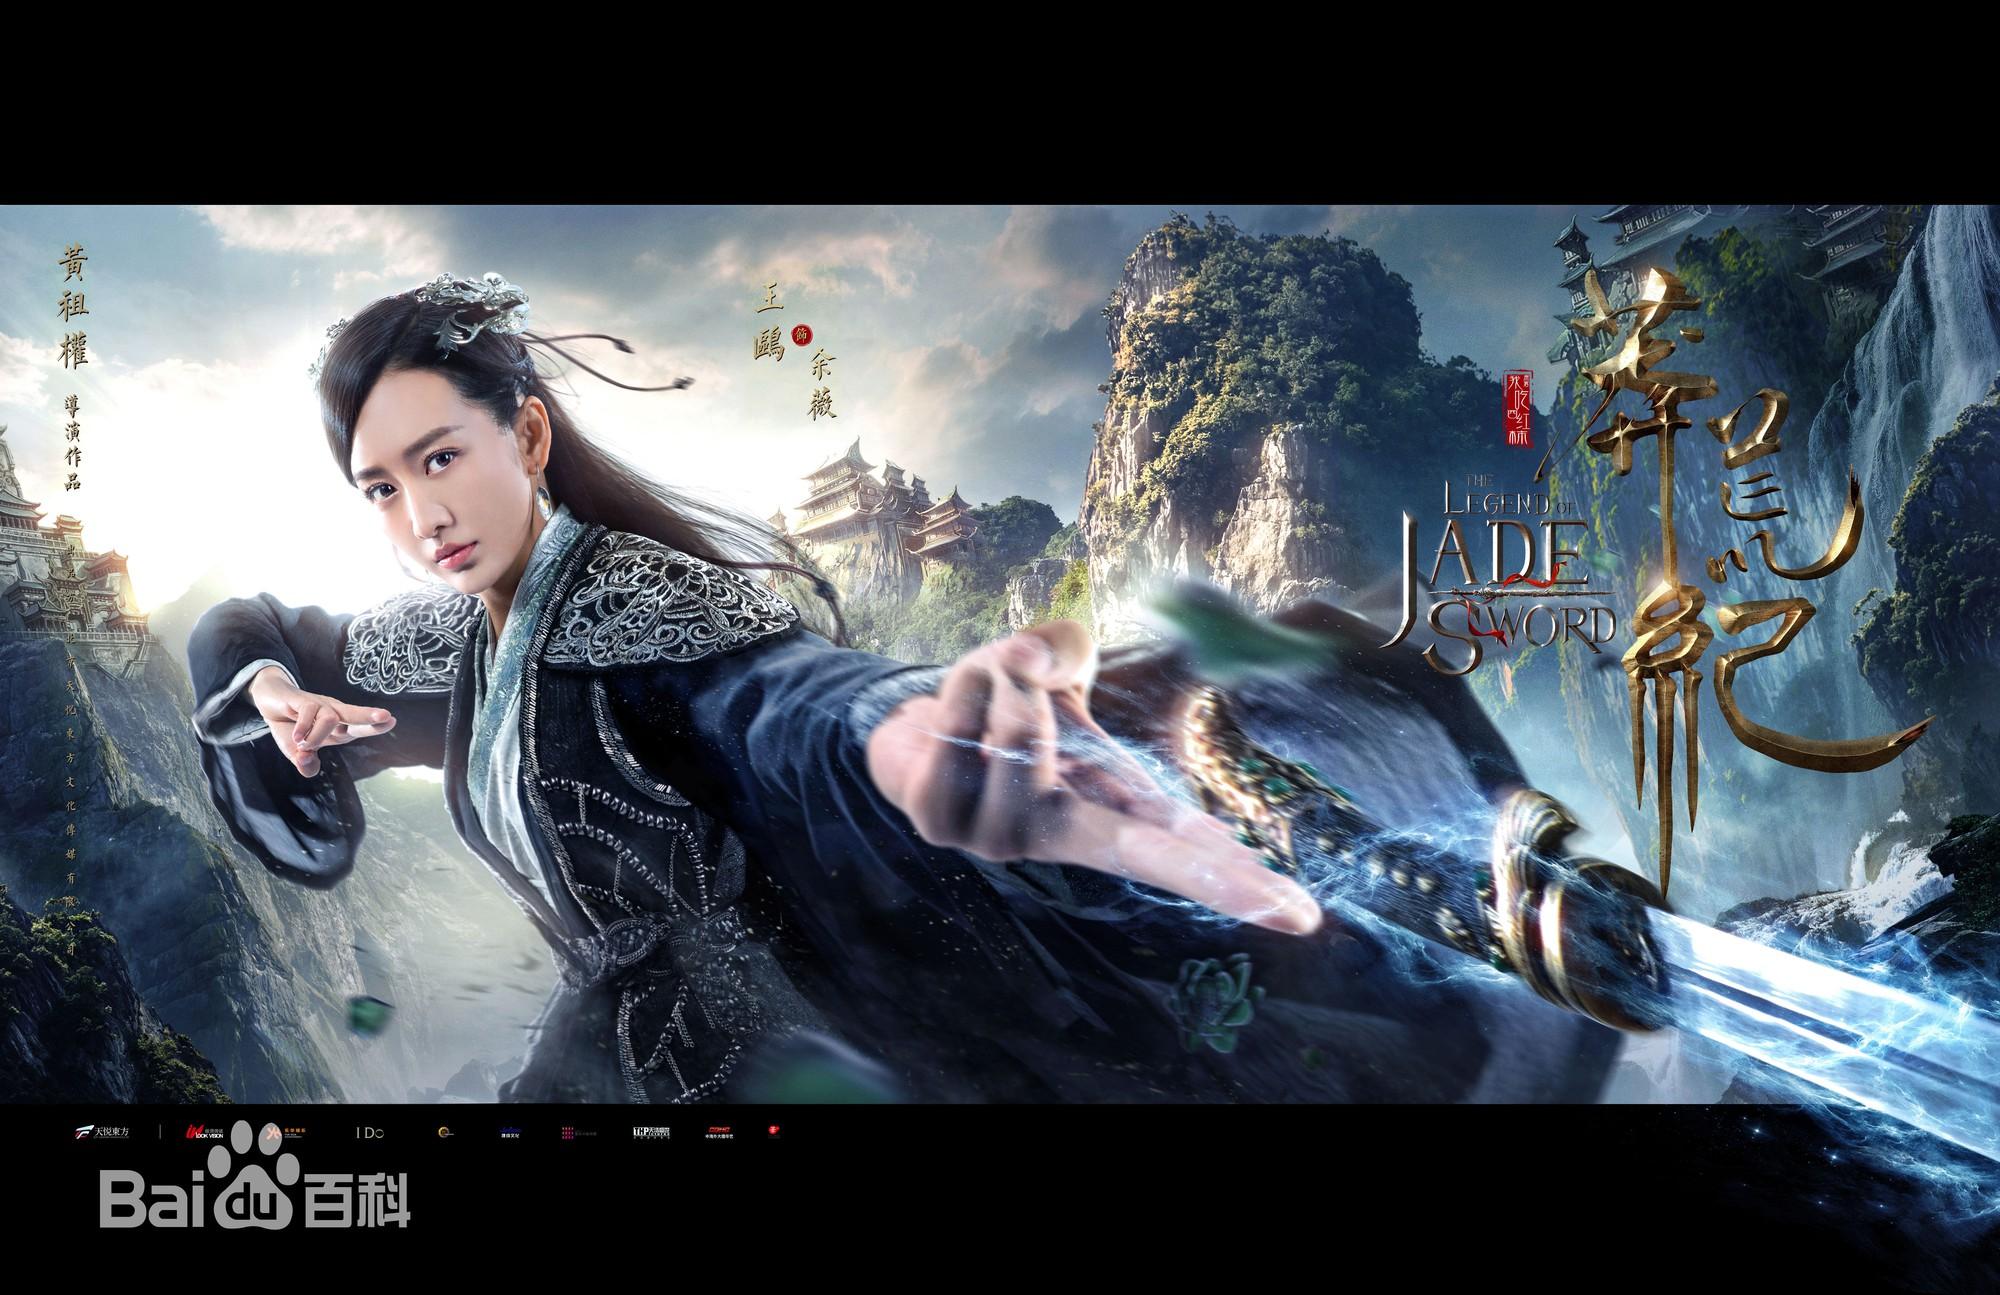 8 dự án truyền hình chuyển thể kỳ ảo xứ Trung đáng mong đợi trong năm 2018 (P.1) - Ảnh 15.